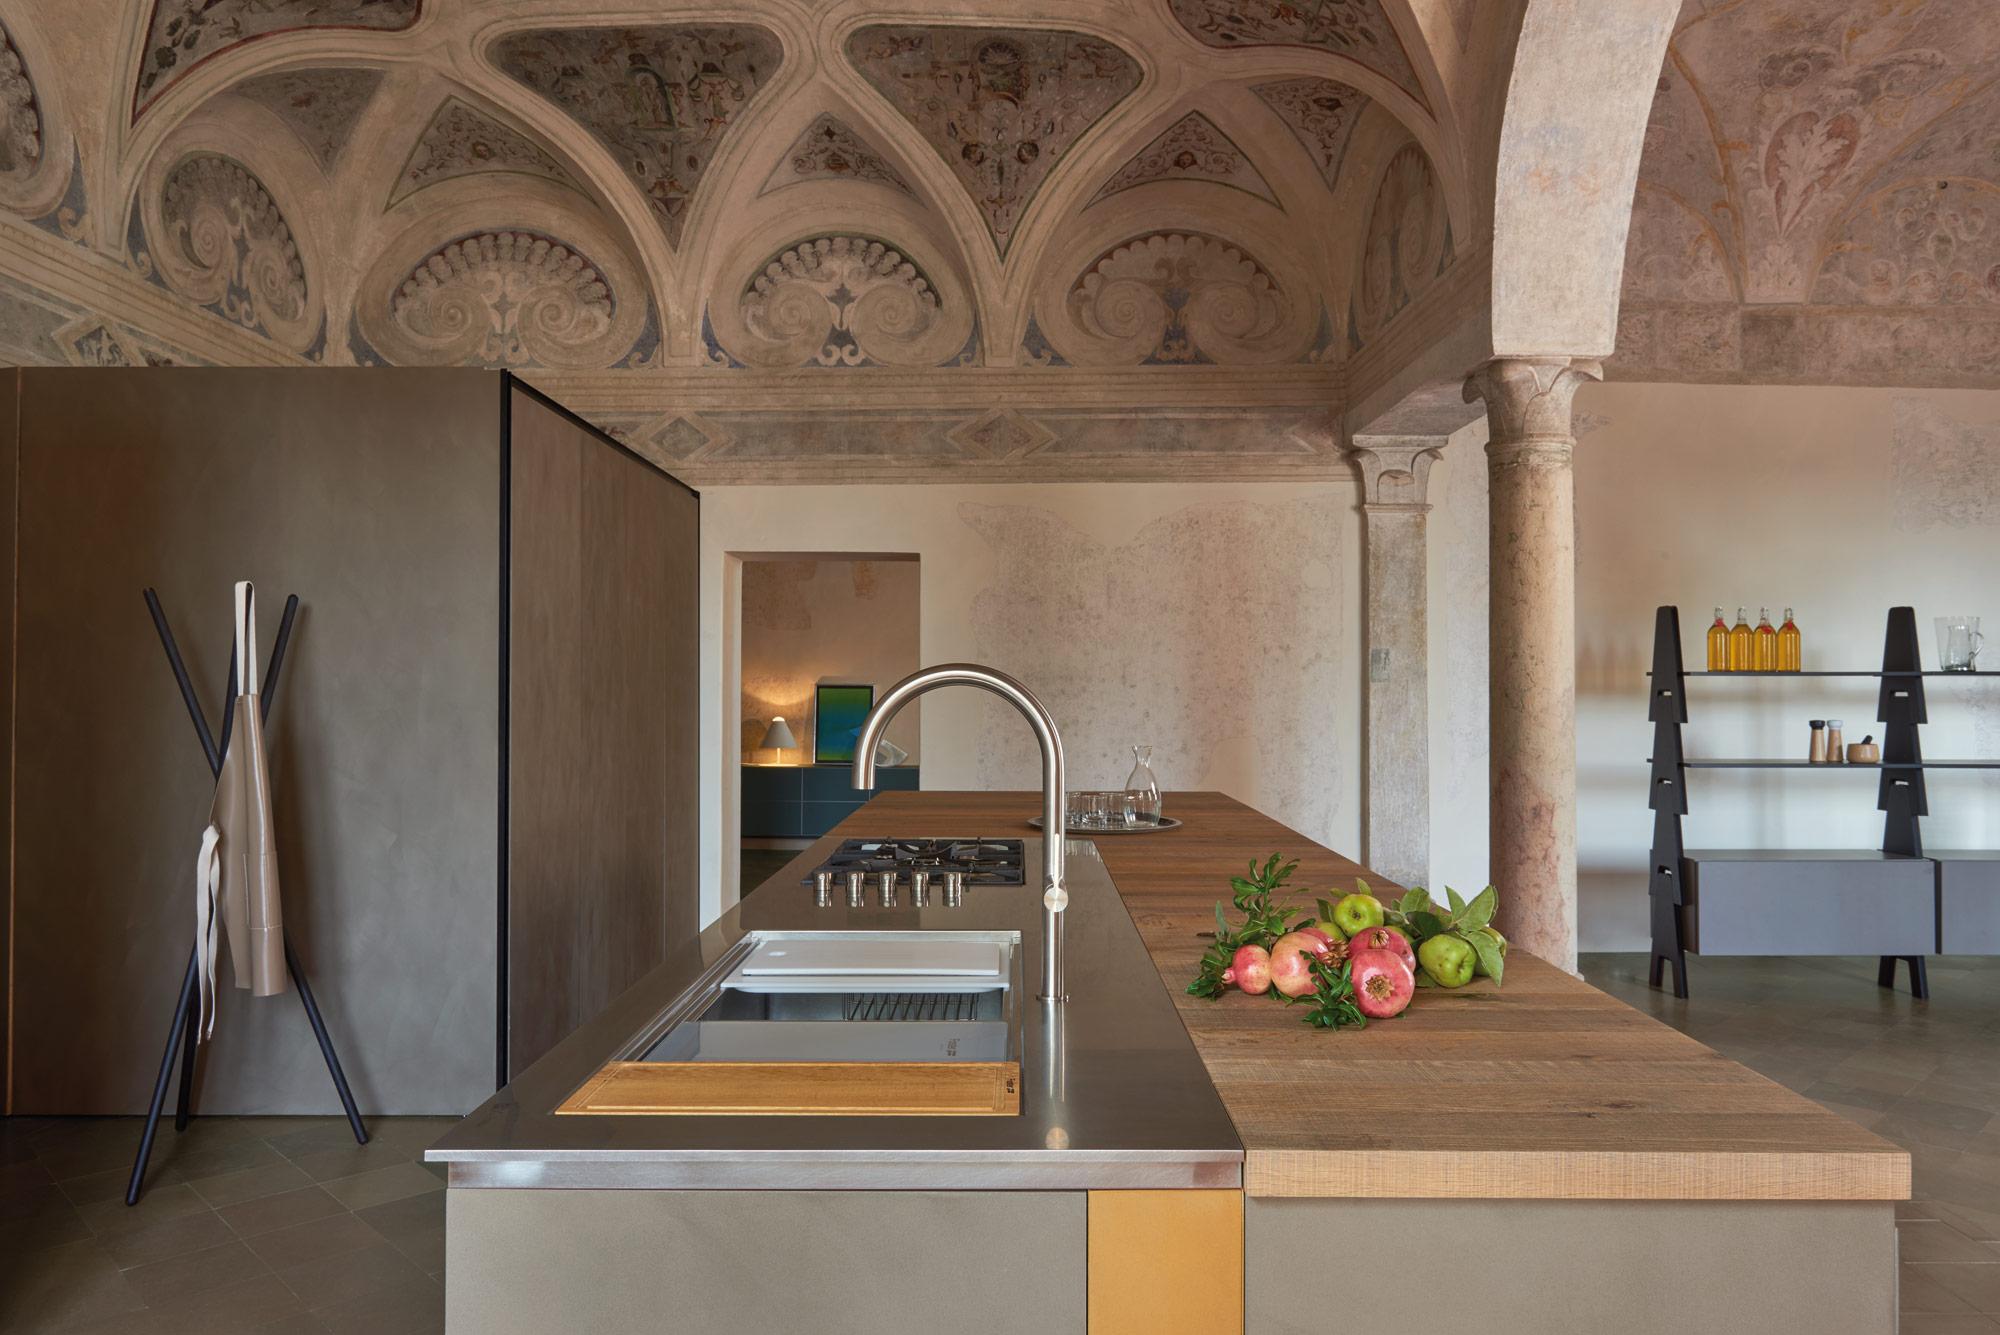 key-sbabo-cucine-progetto-estivale-montecchio-precalcino ...